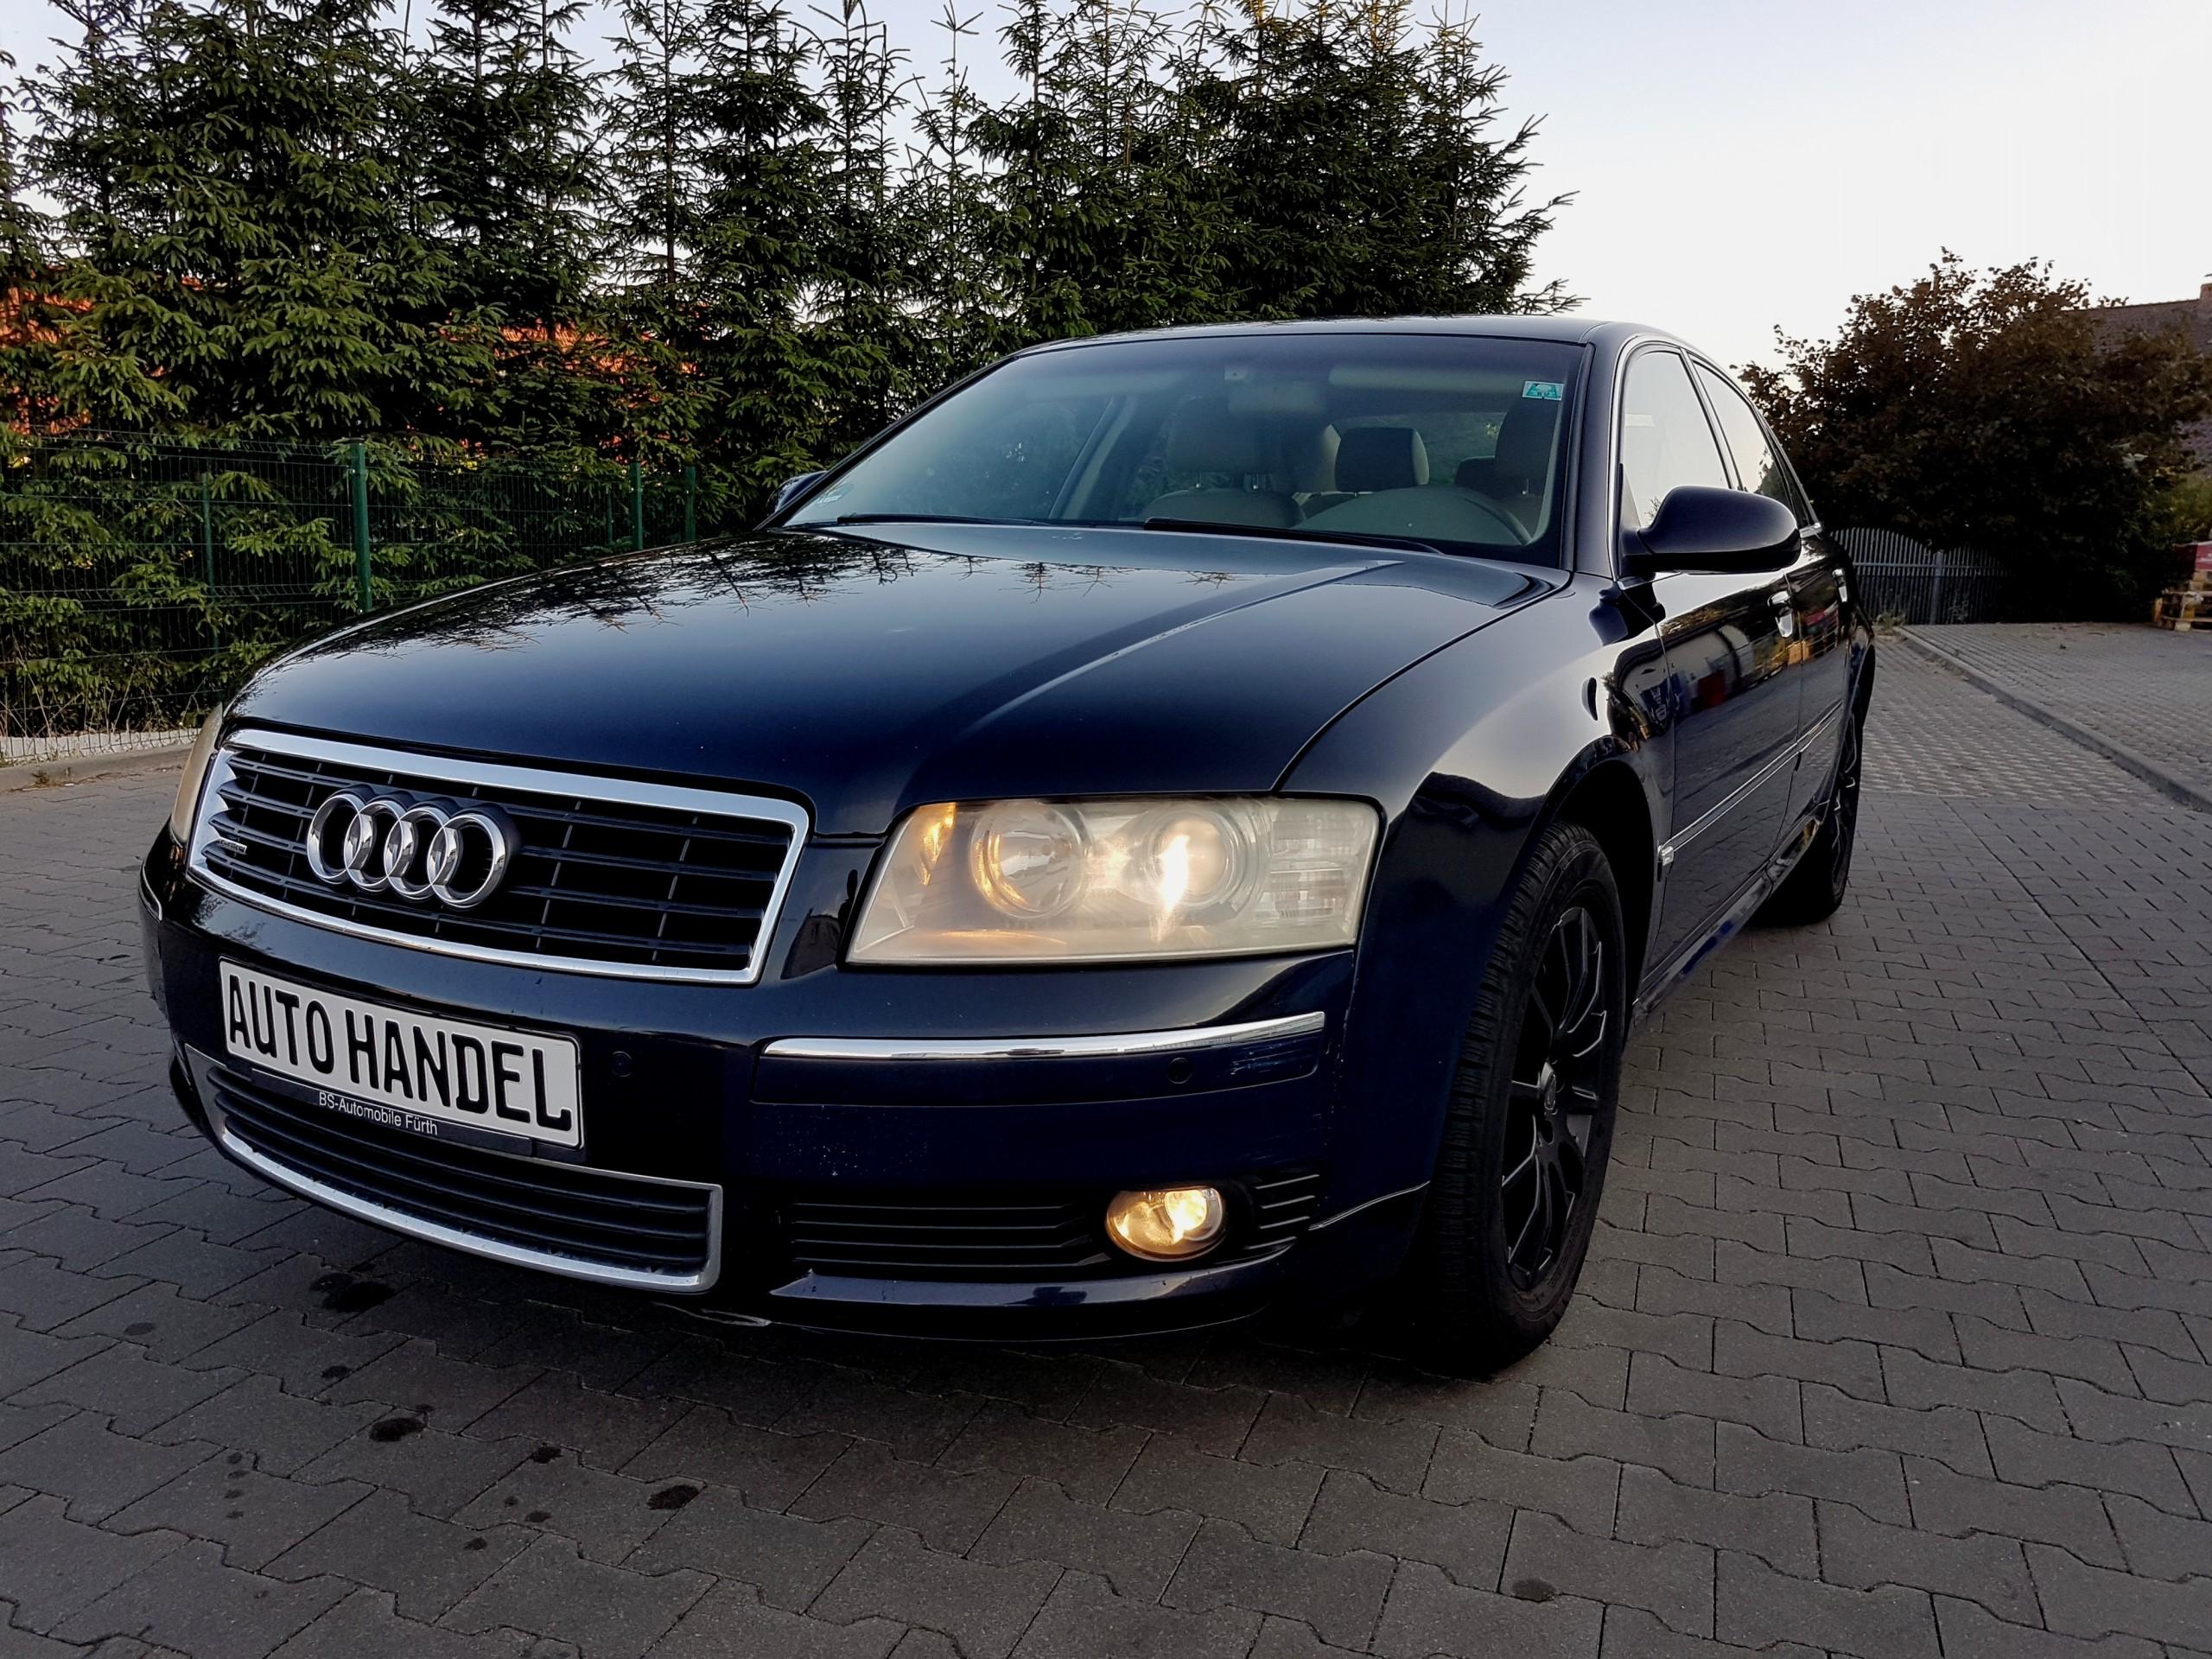 Audi A8 37 280 Ps Quattro Jasny środek Full Full 7442835535